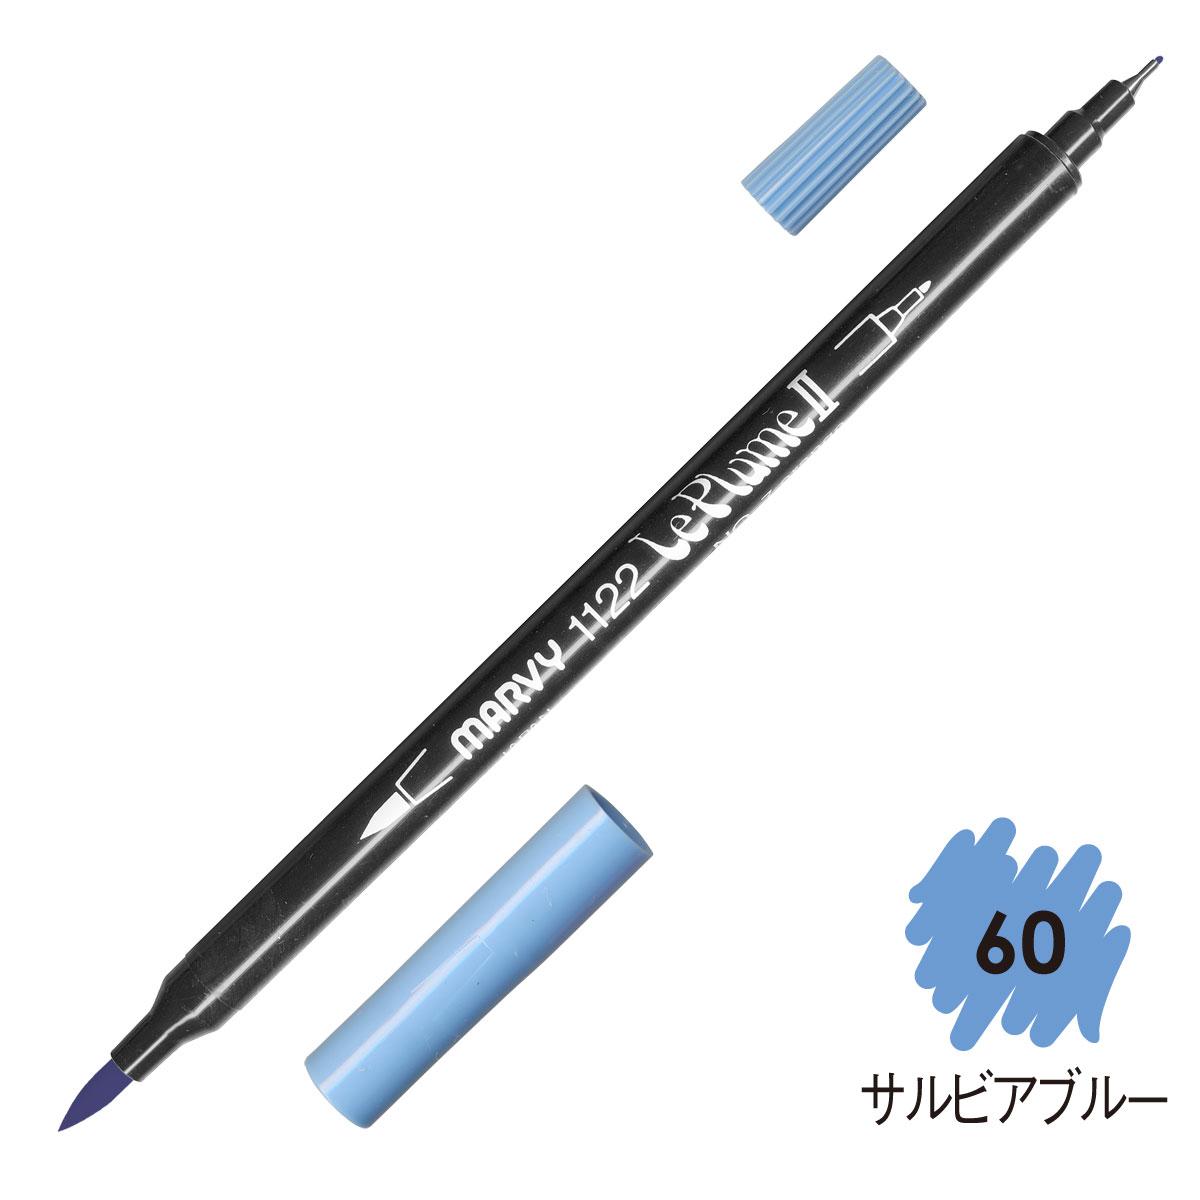 ルプルームII 単品 サルビアブルー(60)画像